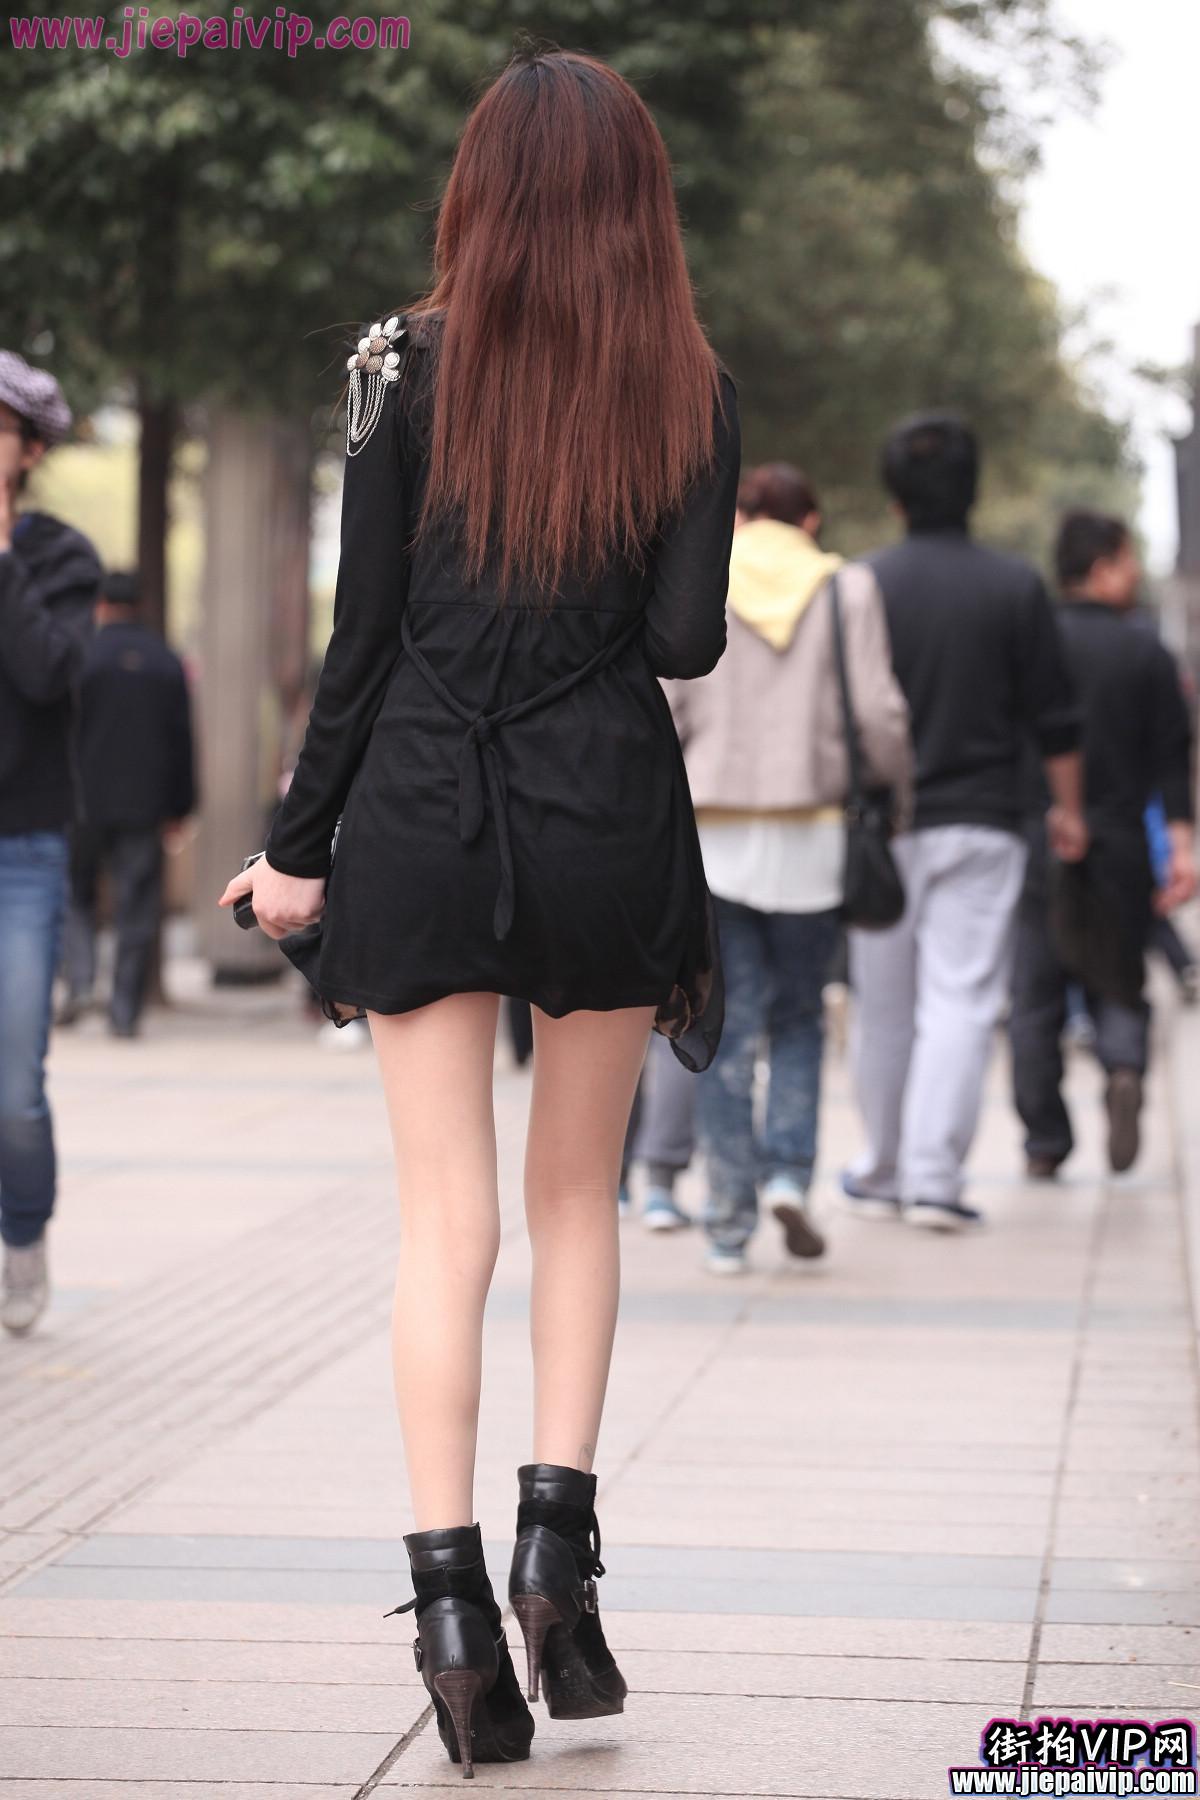 肉丝噢,超性感短裙 豹纹围巾美眉1